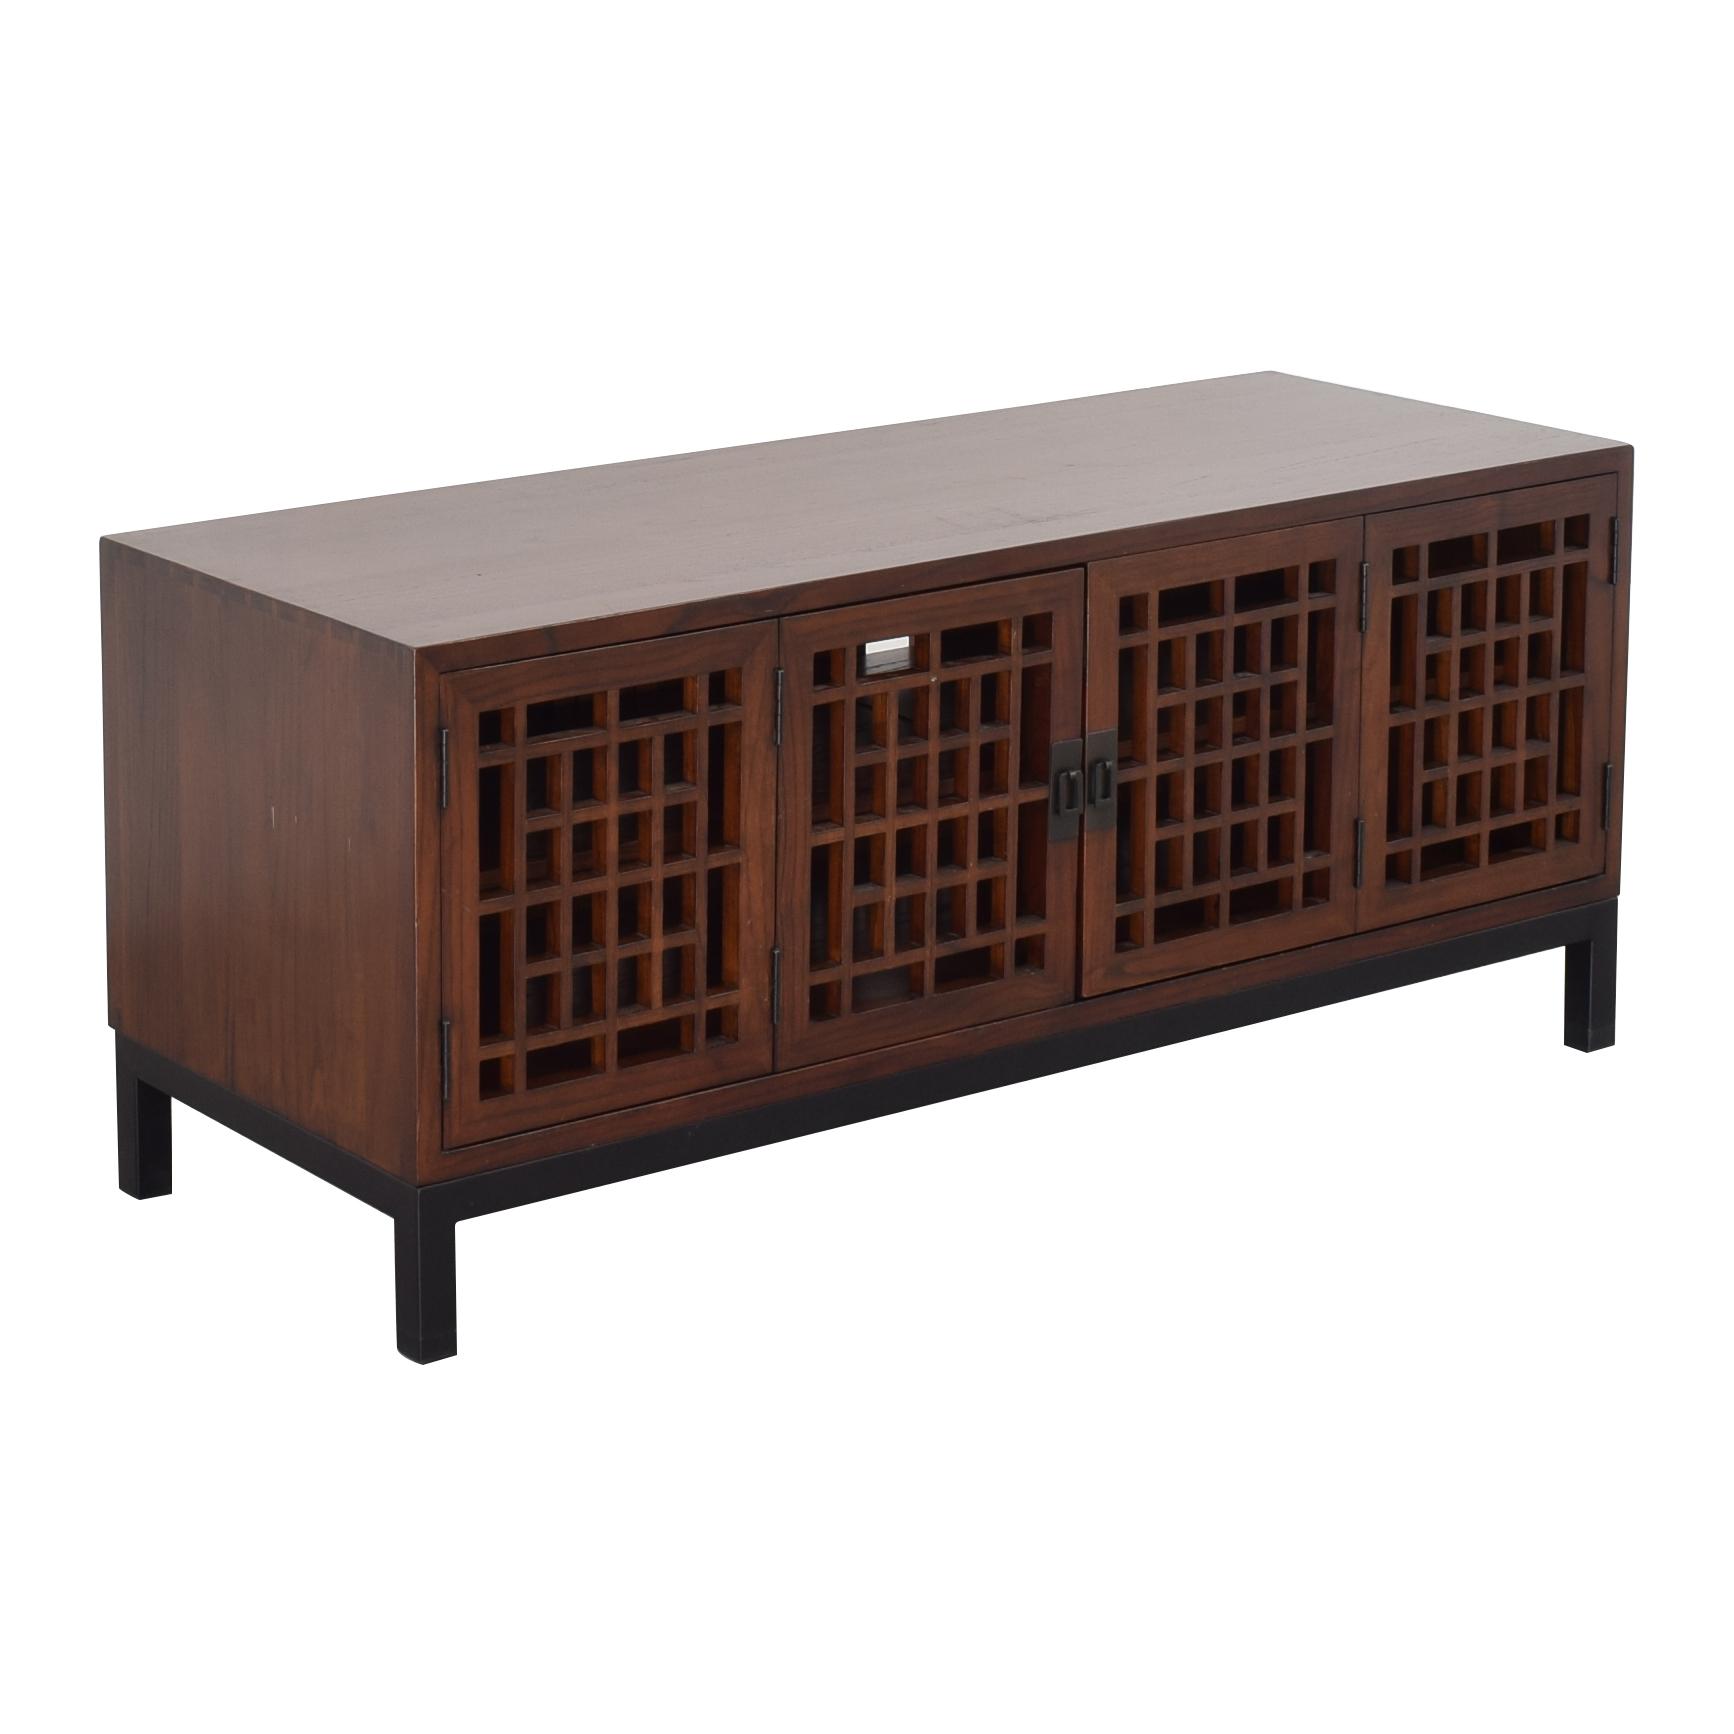 buy Room & Board by Maria Yee Media Cabinet Room & Board Media Units